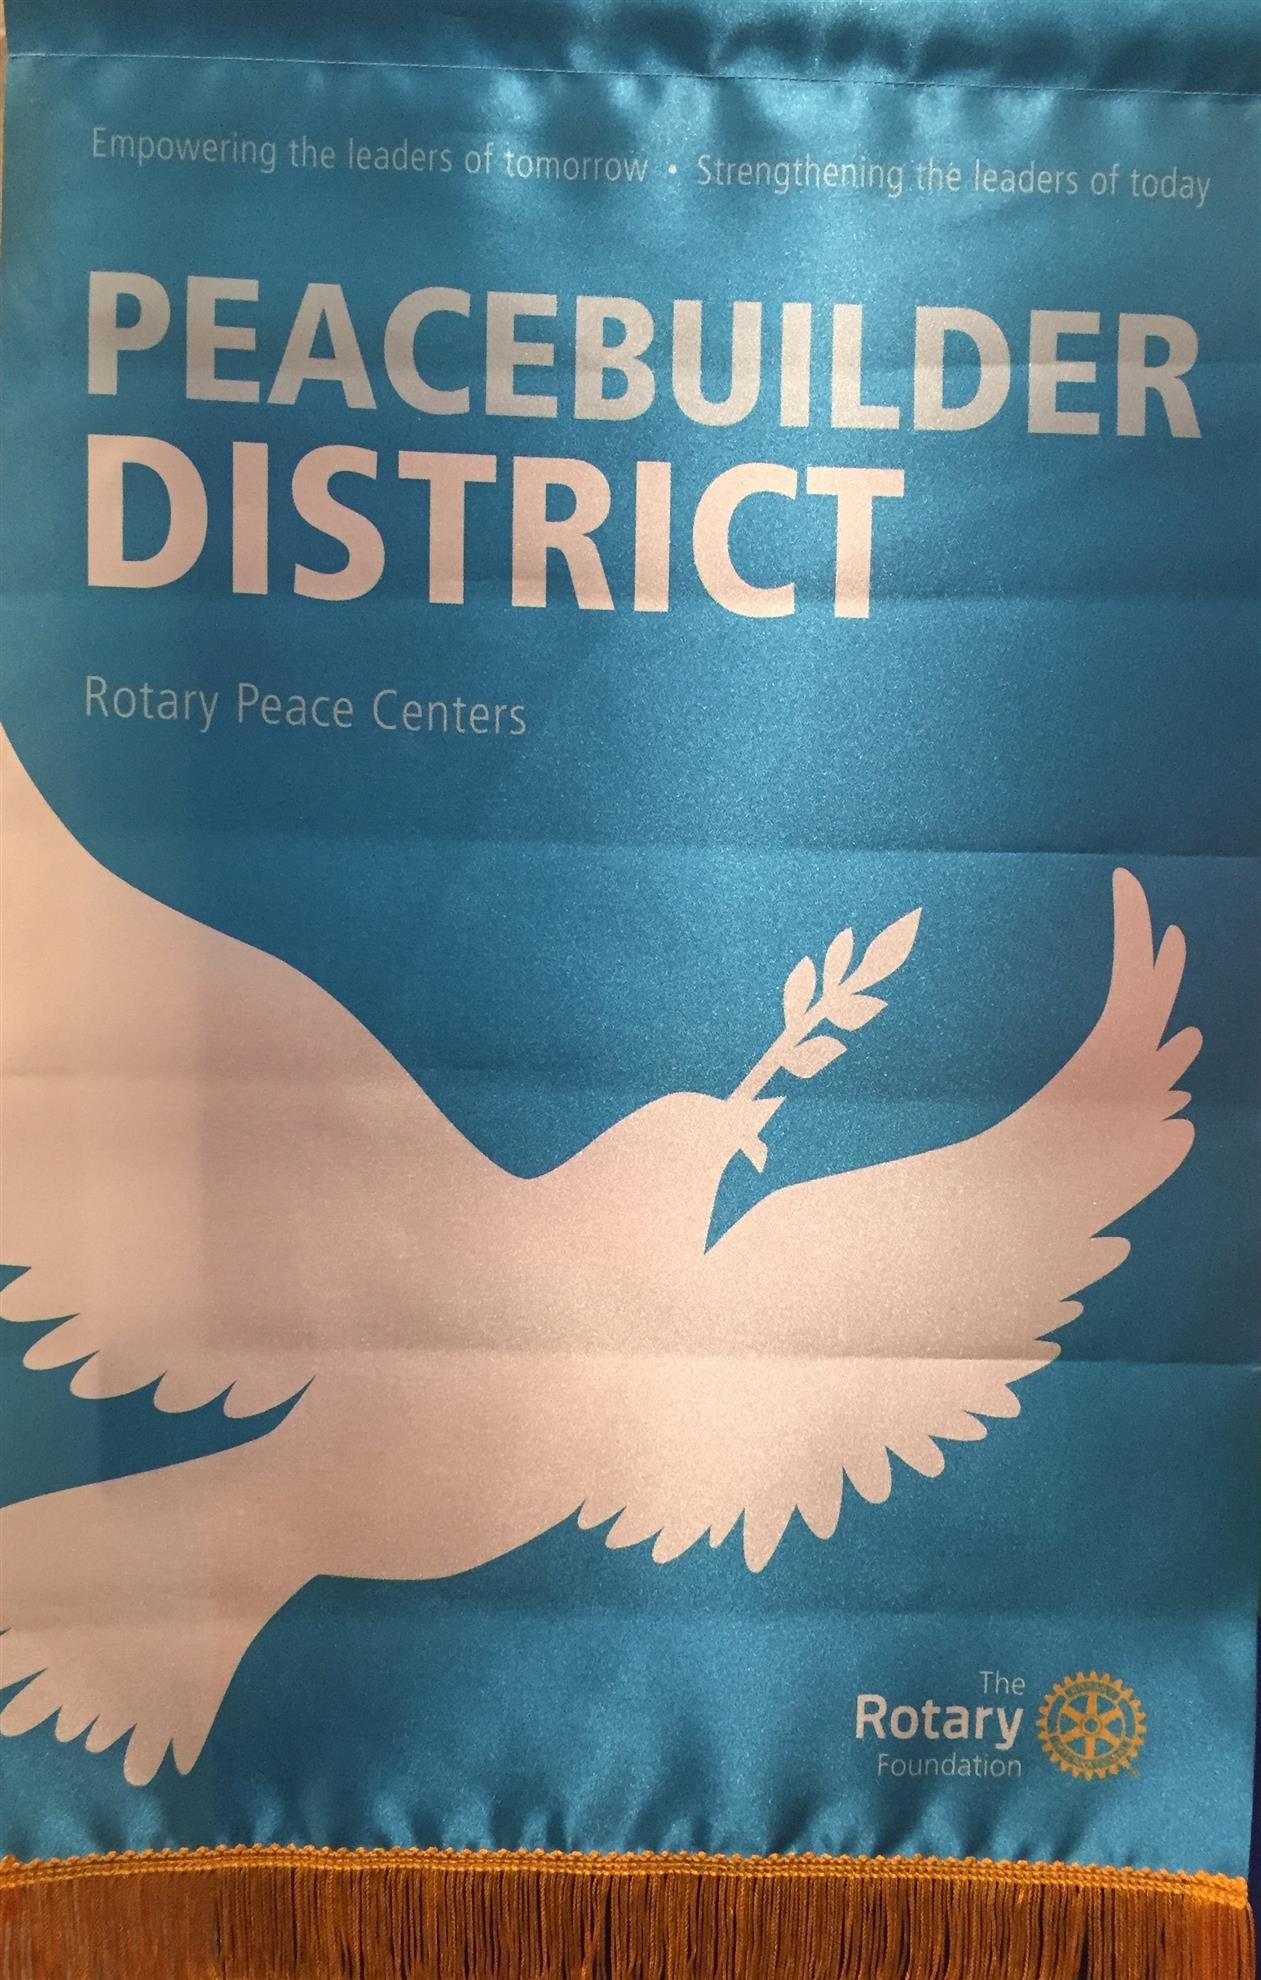 Peacebuilder Club